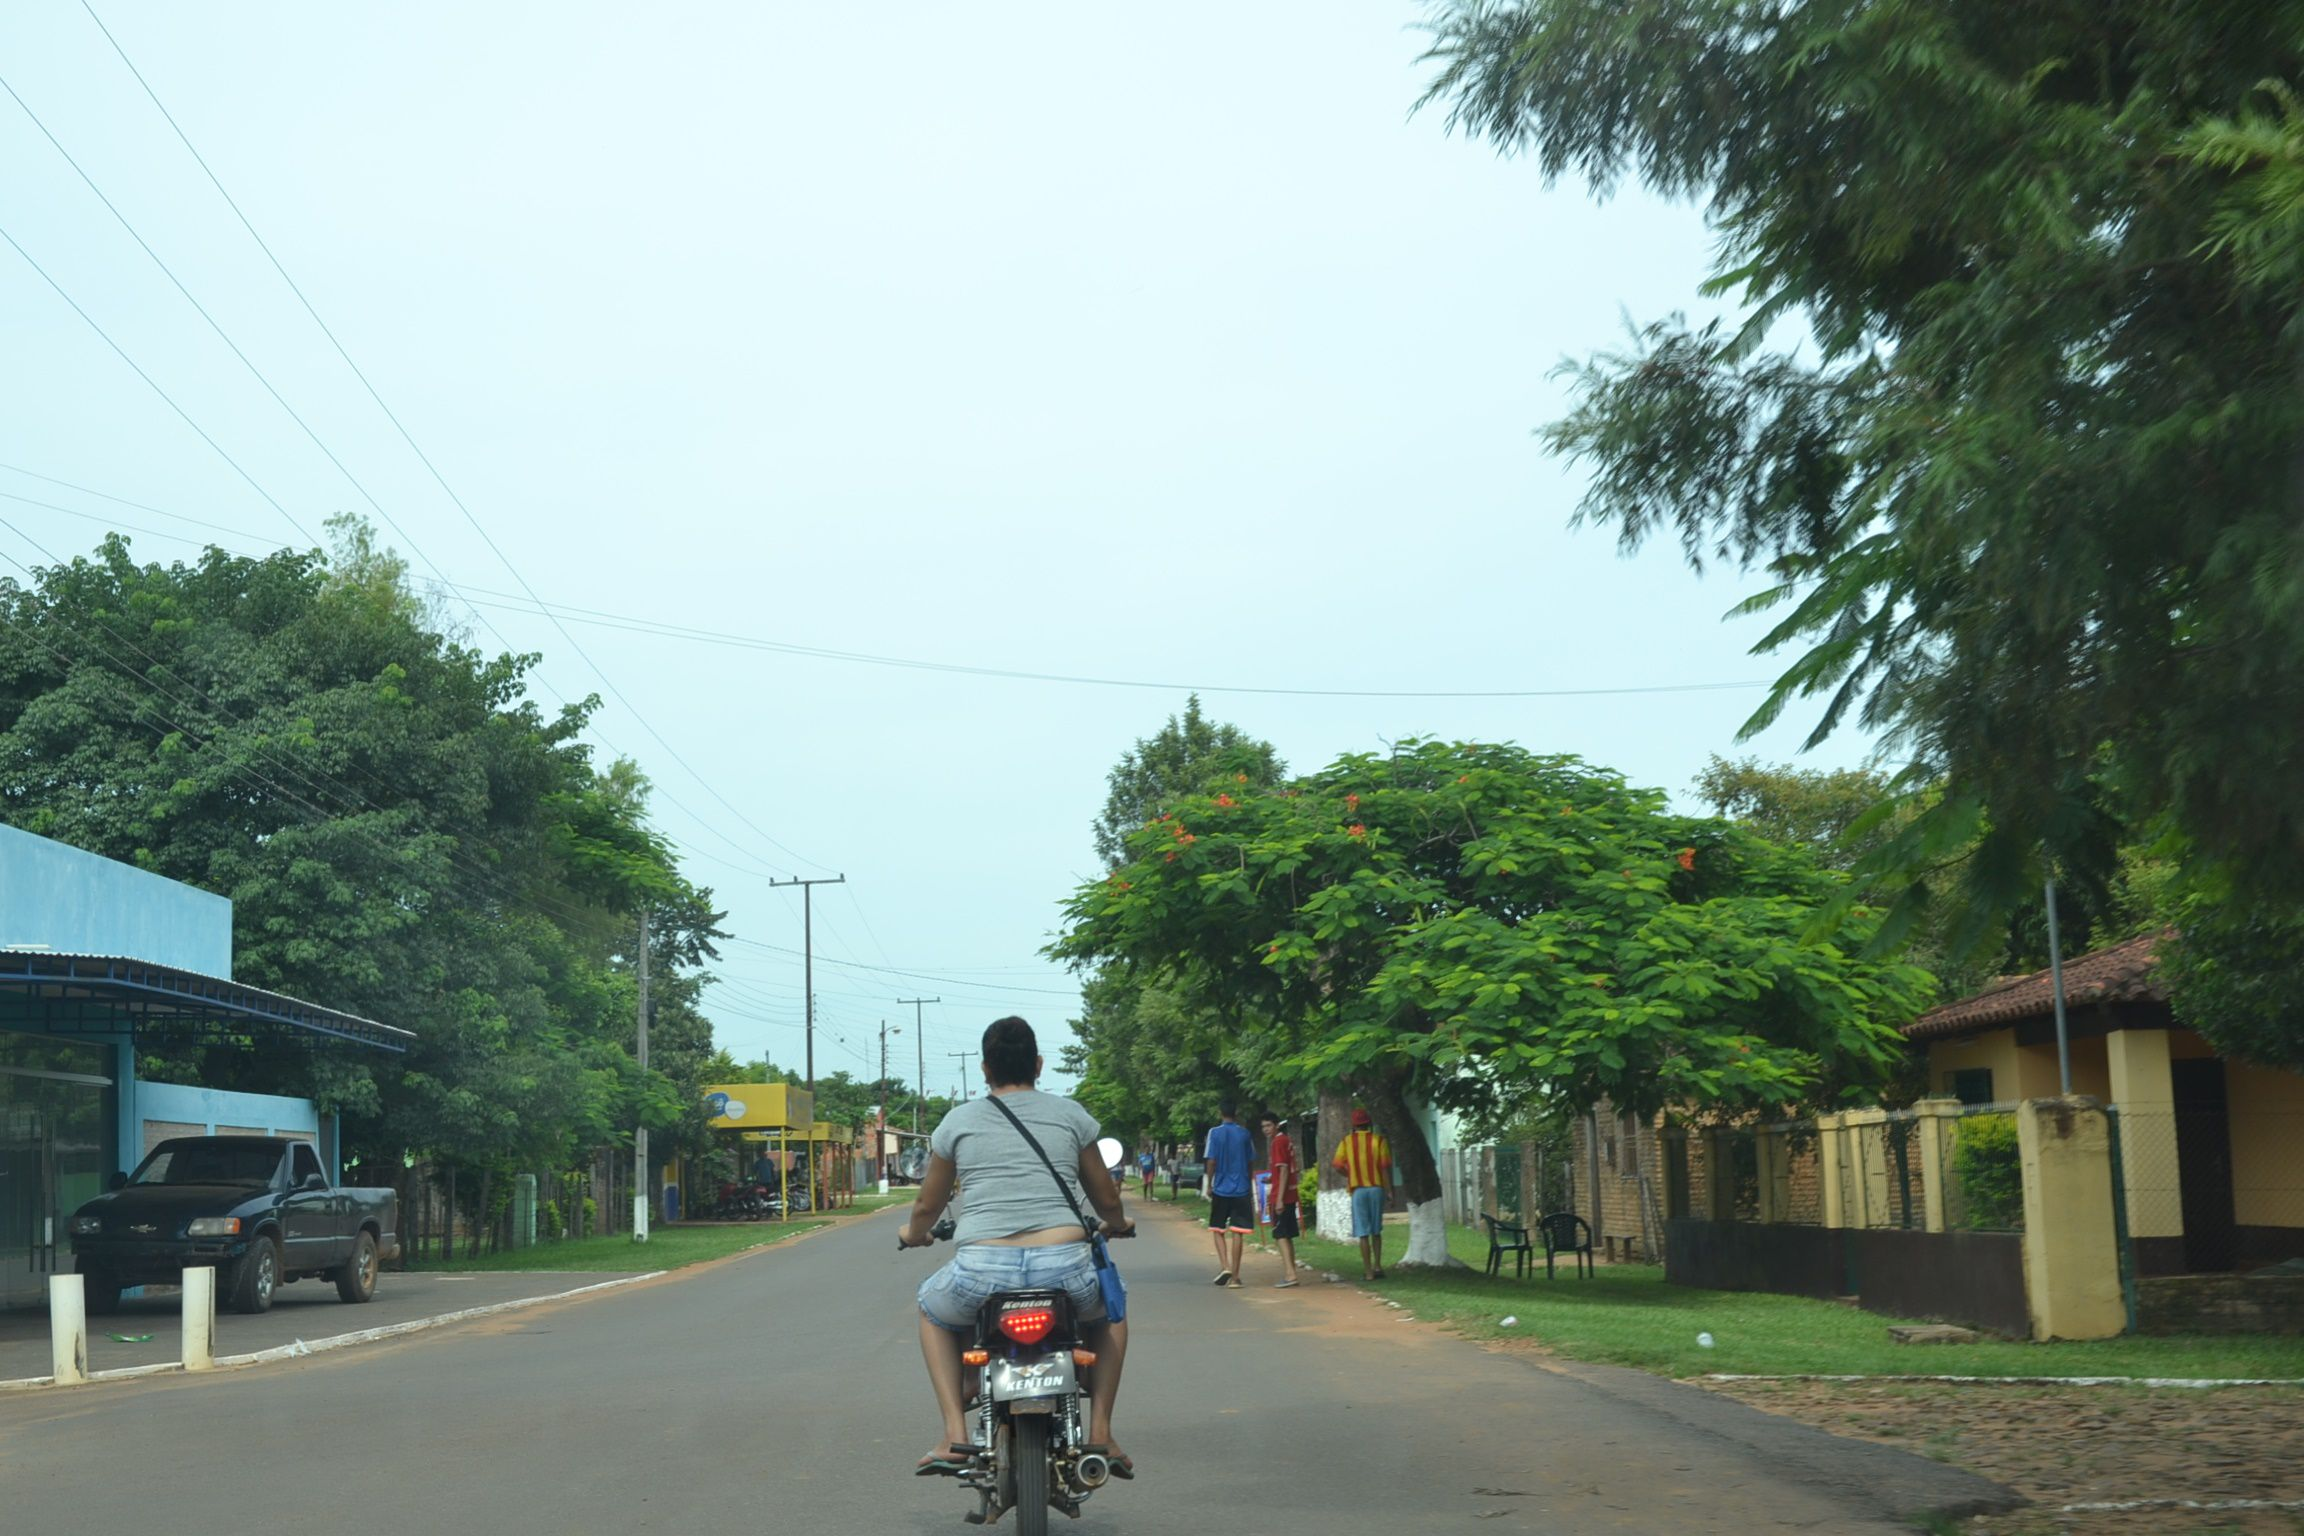 La tranquila ciudad de Mbuyapey donde anoche se registró un trágico suceso